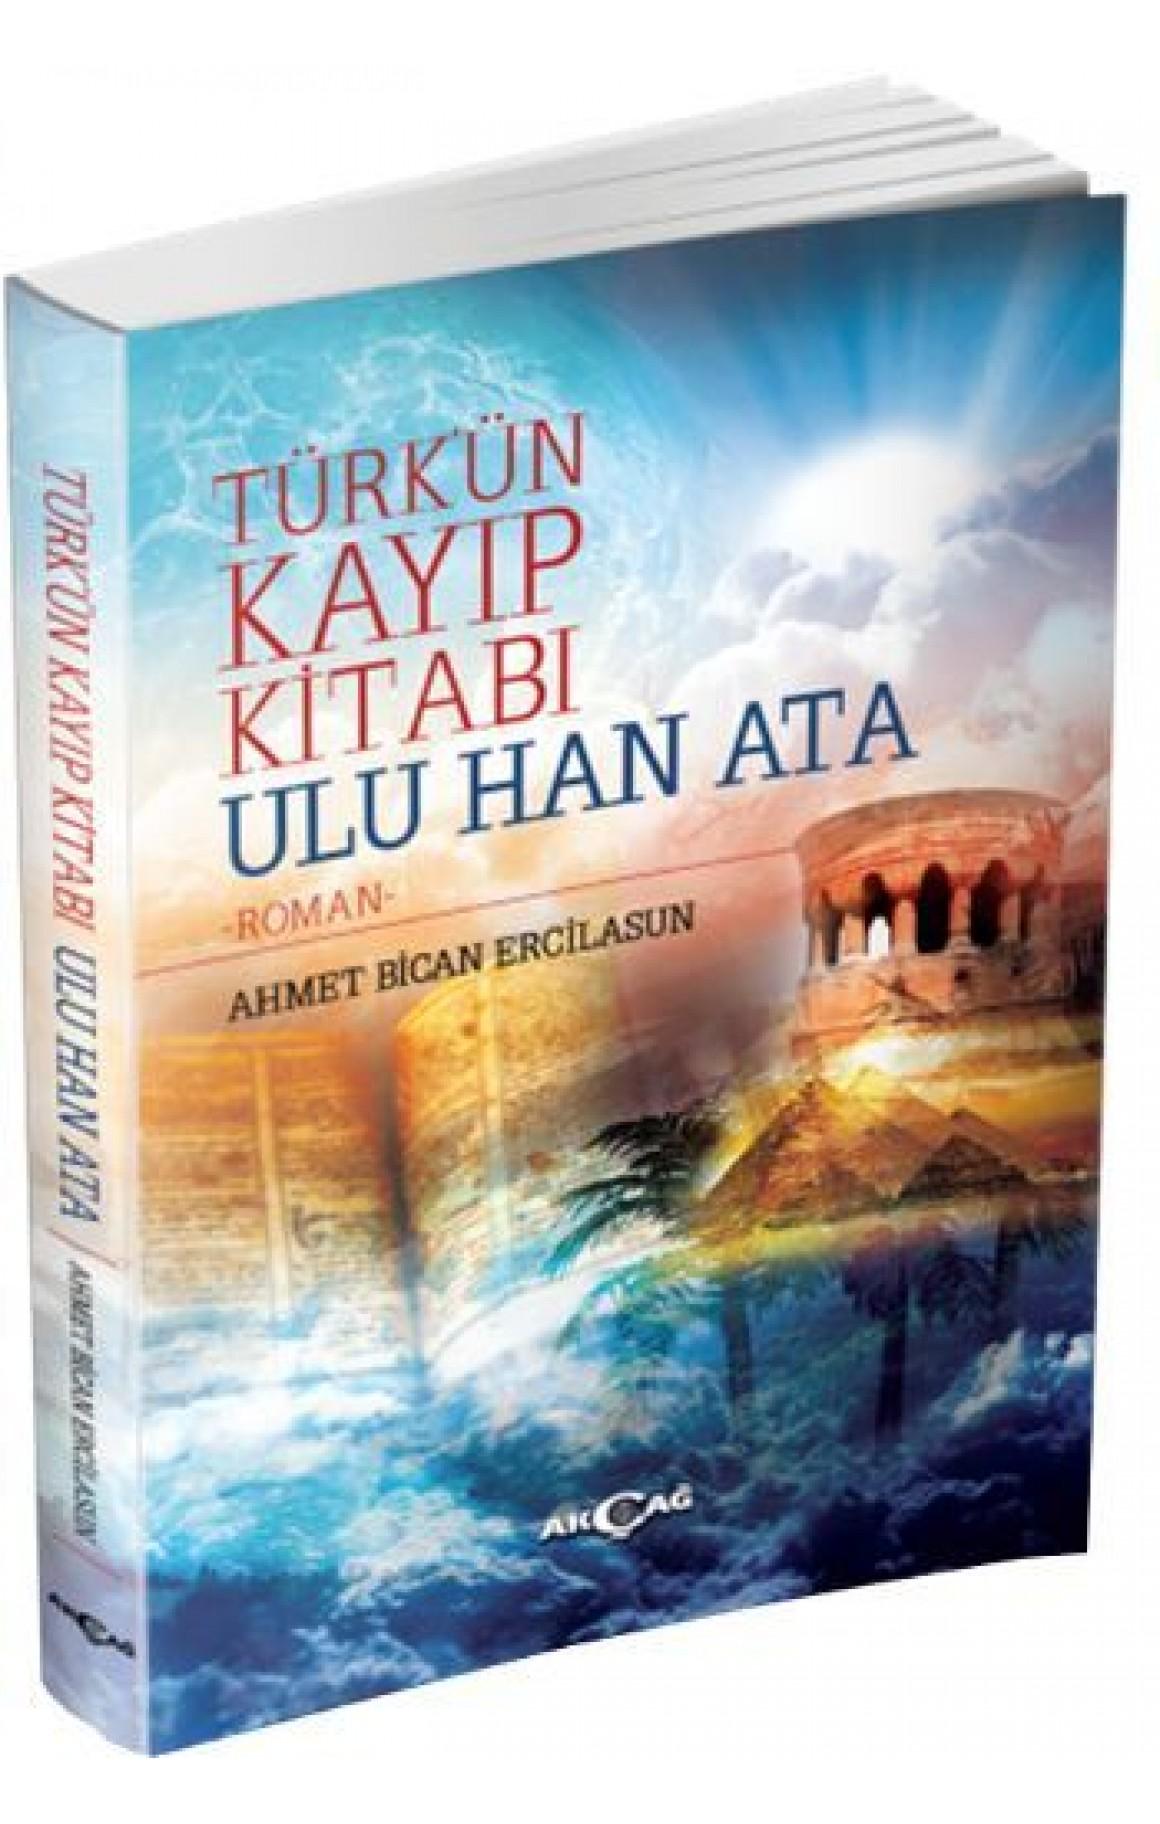 Türkün Kayıp Kitabı Ulu Han Ata